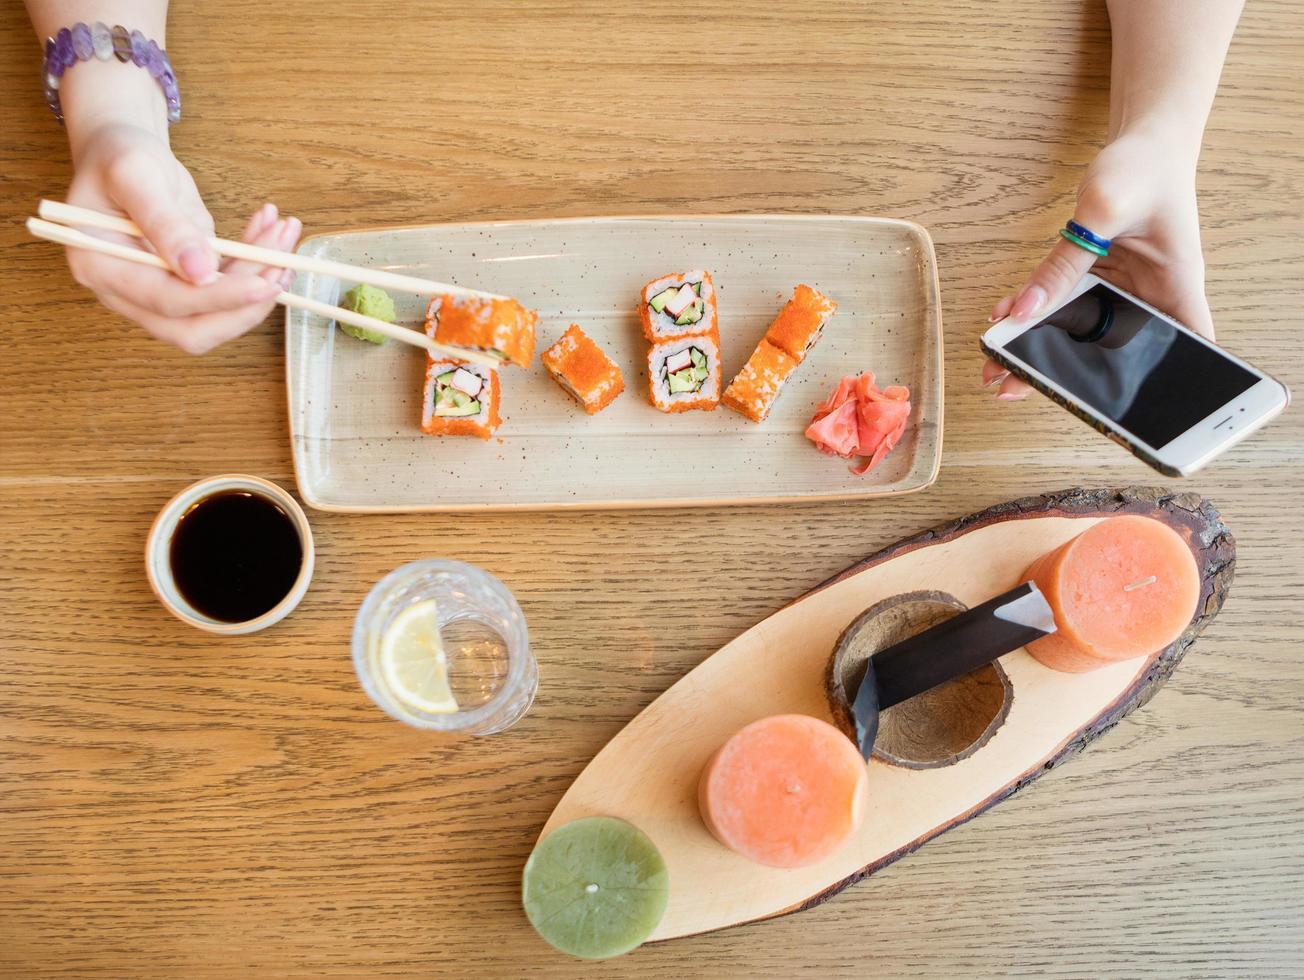 mujer comiendo sushi y usando un teléfono inteligente, vista superior foto